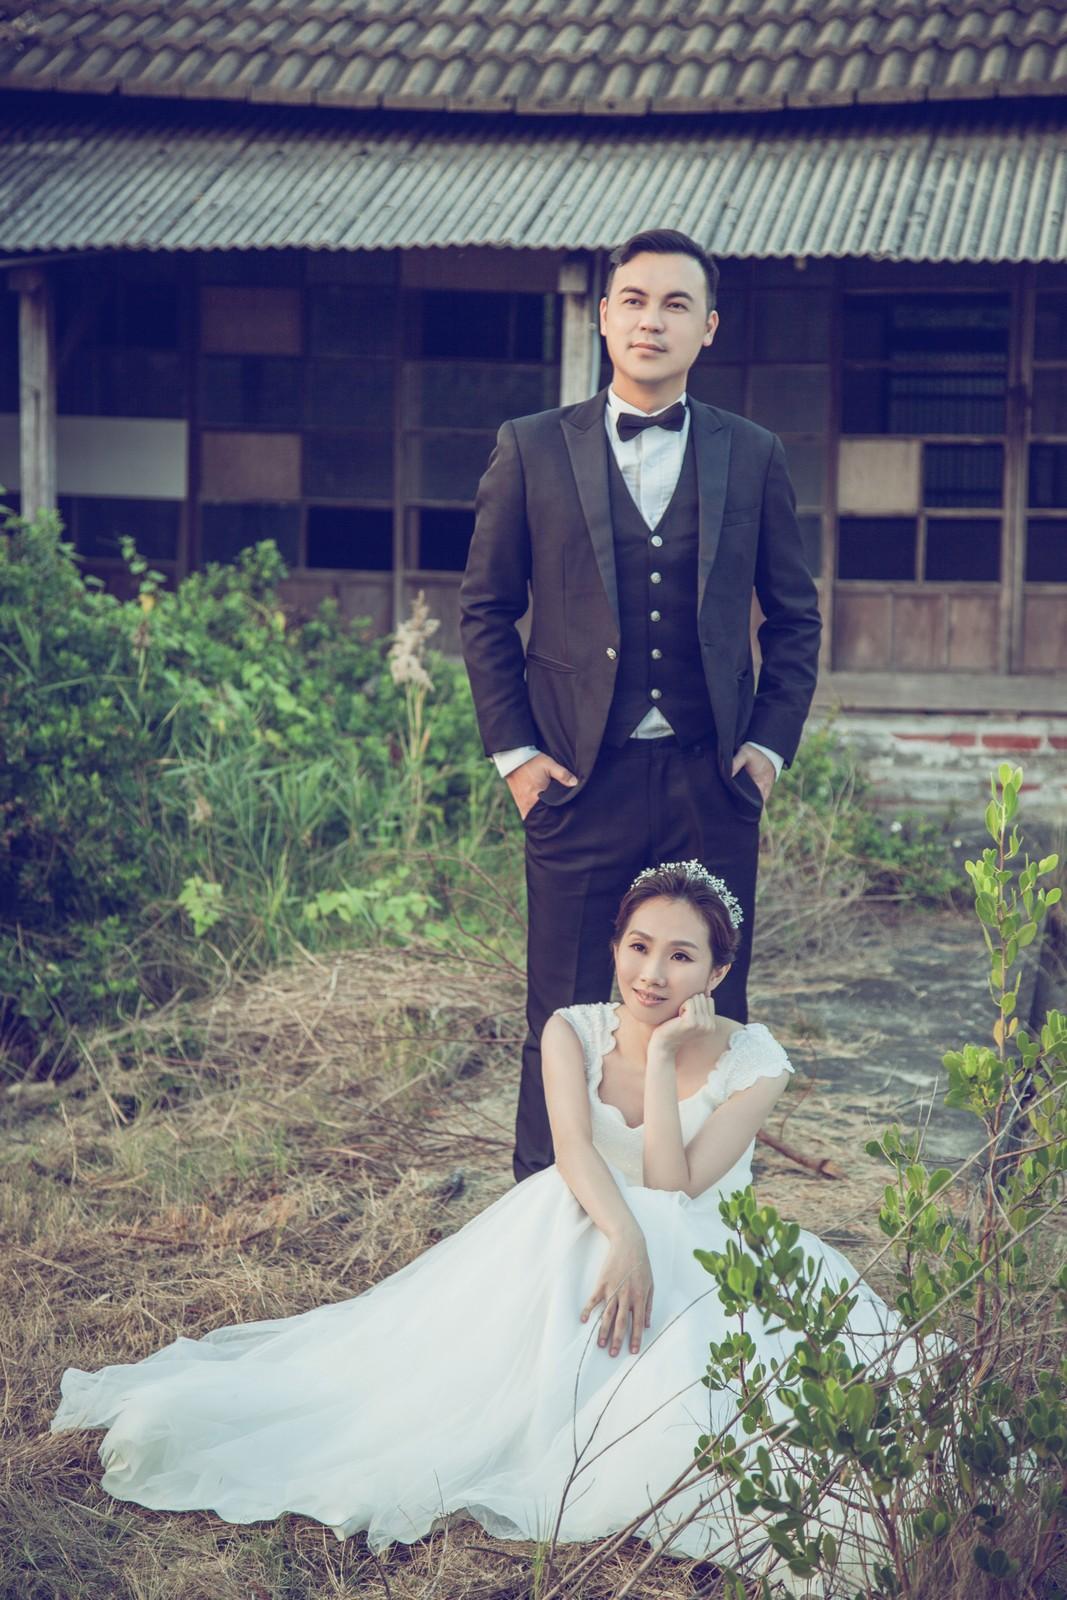 自助婚紗,自主婚紗推薦,台南 自助婚紗,tn28